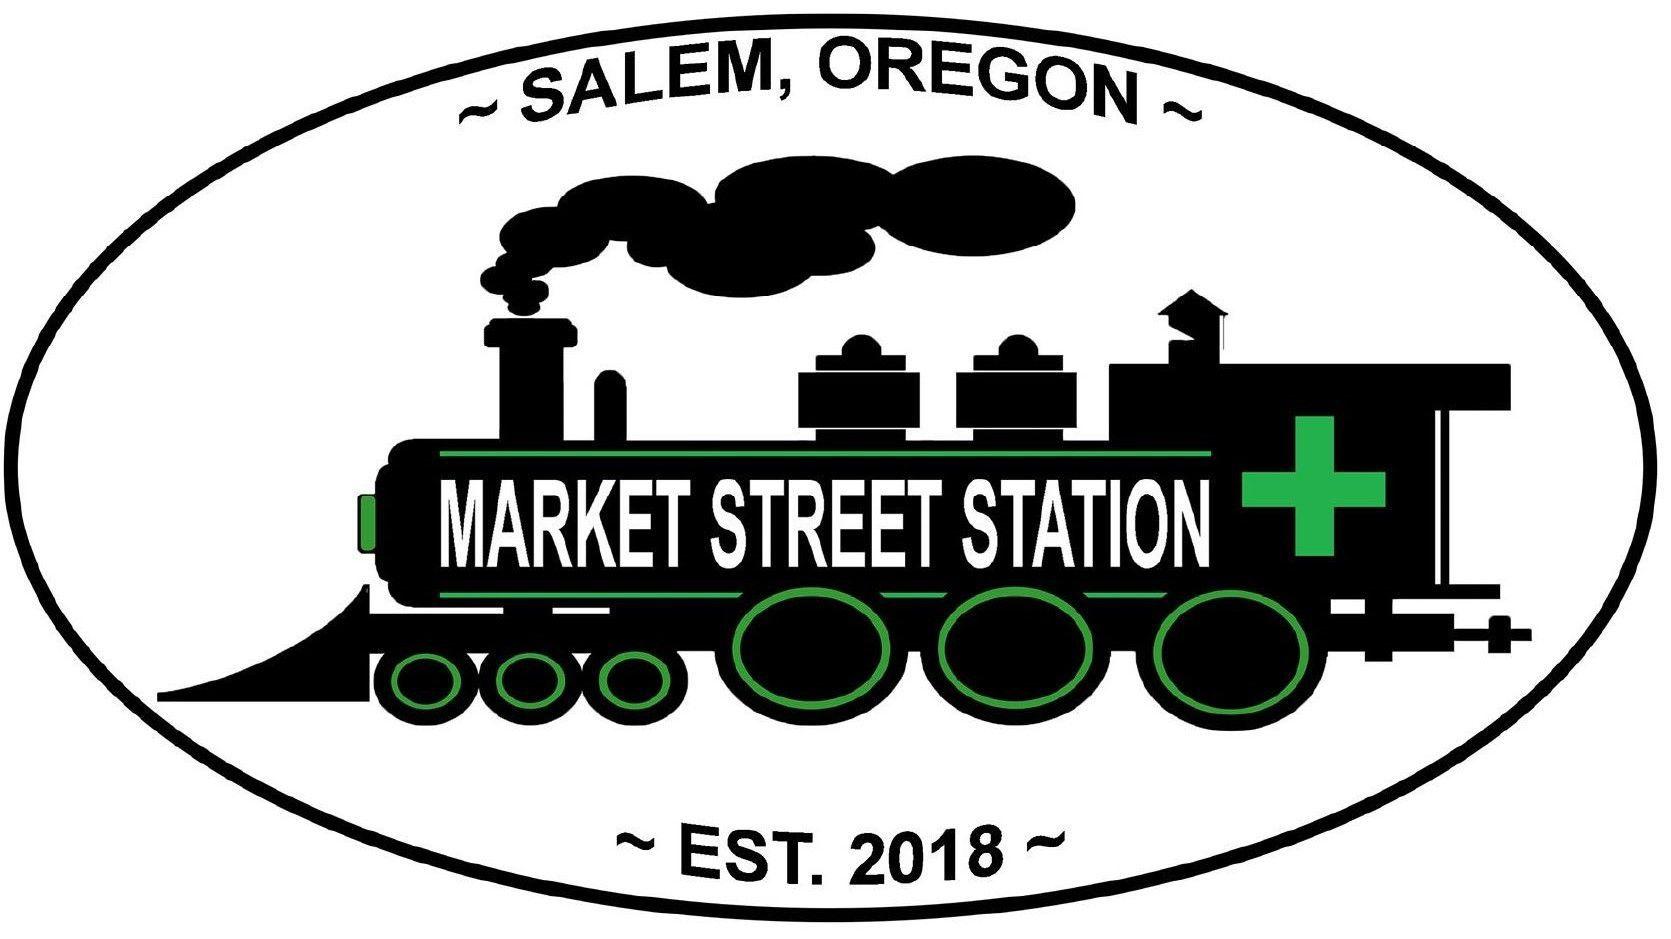 3175 Market St NE, Salem  503.689.1605